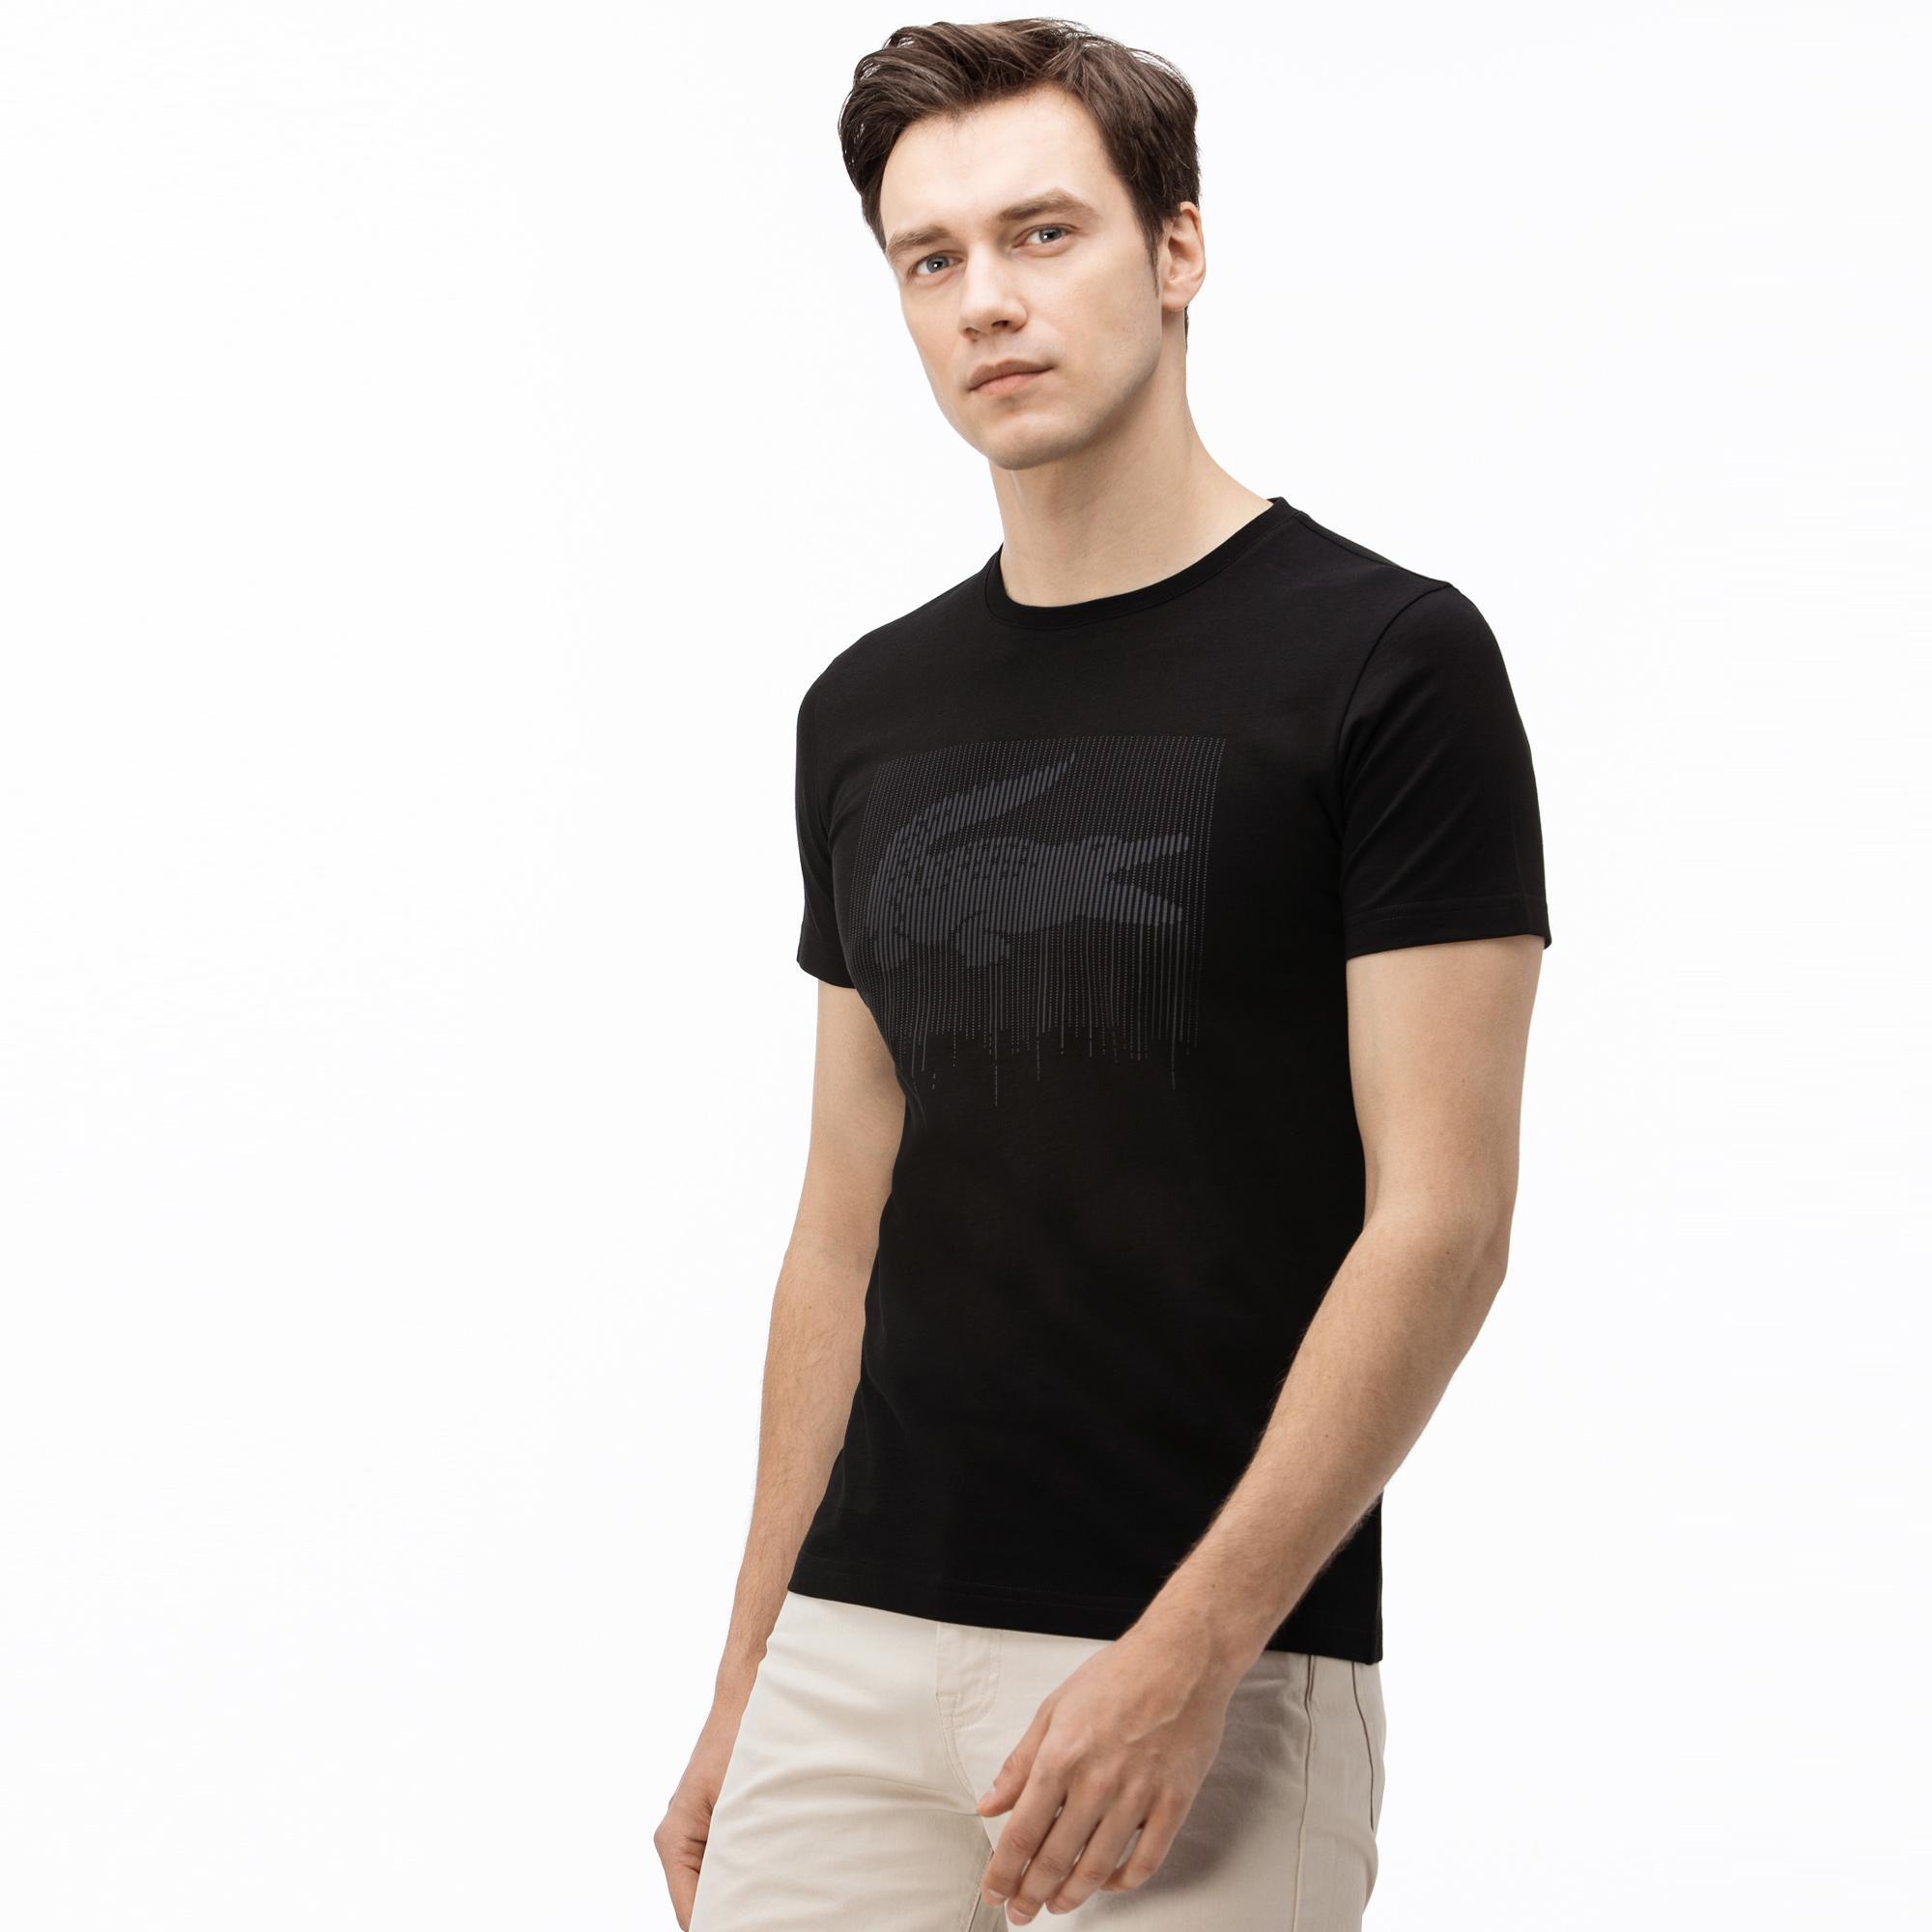 Lacoste Erkek Bisiklet Yaka Timsah Baskılı Gri T-Shirt